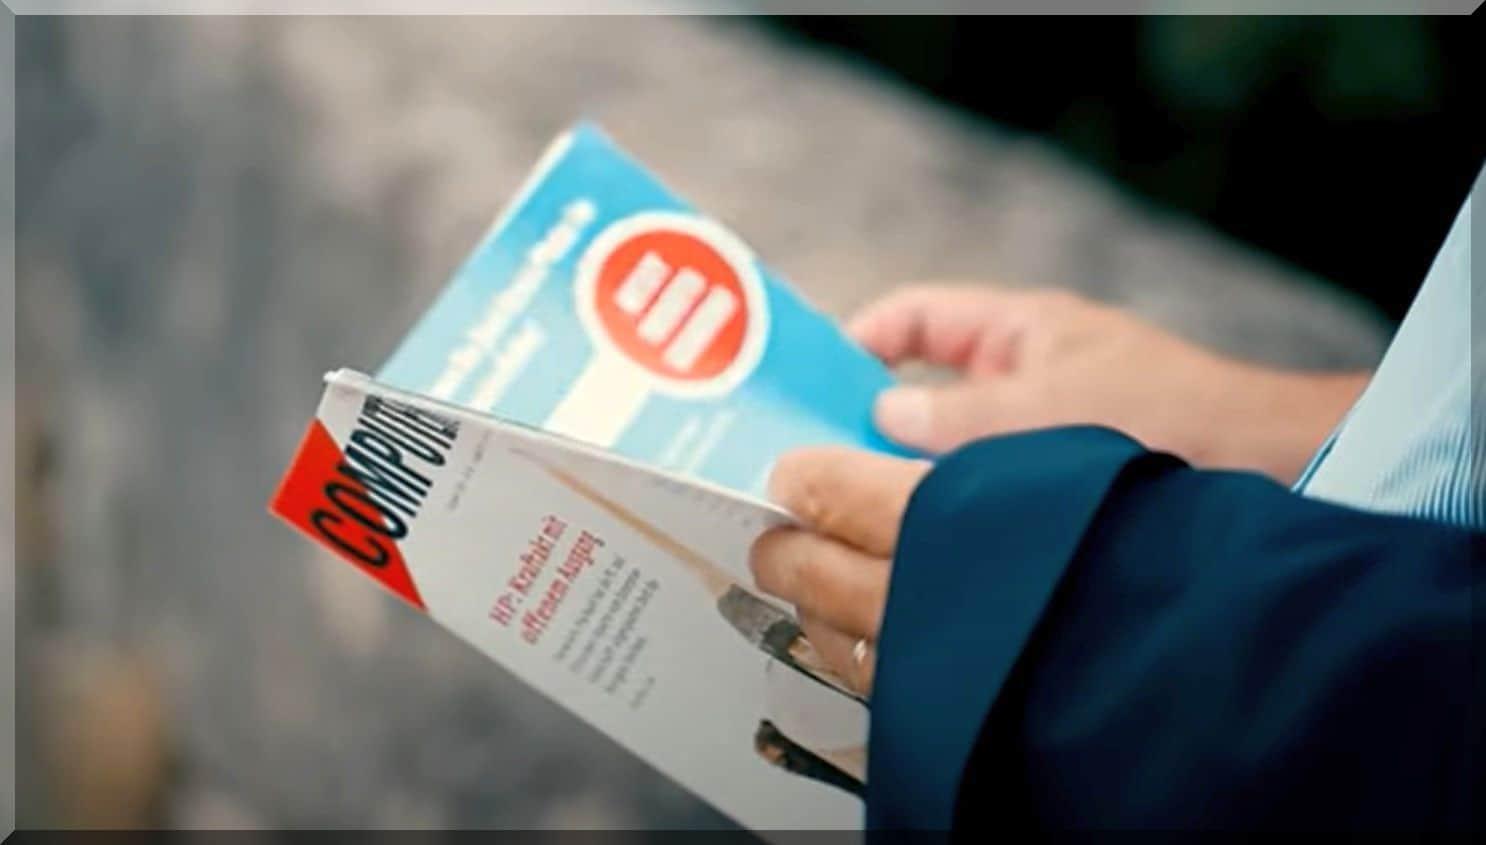 Xing Stellenmarkt - Nutzen Sie die Jobbörse für Ihre Stellenanzeigen ..